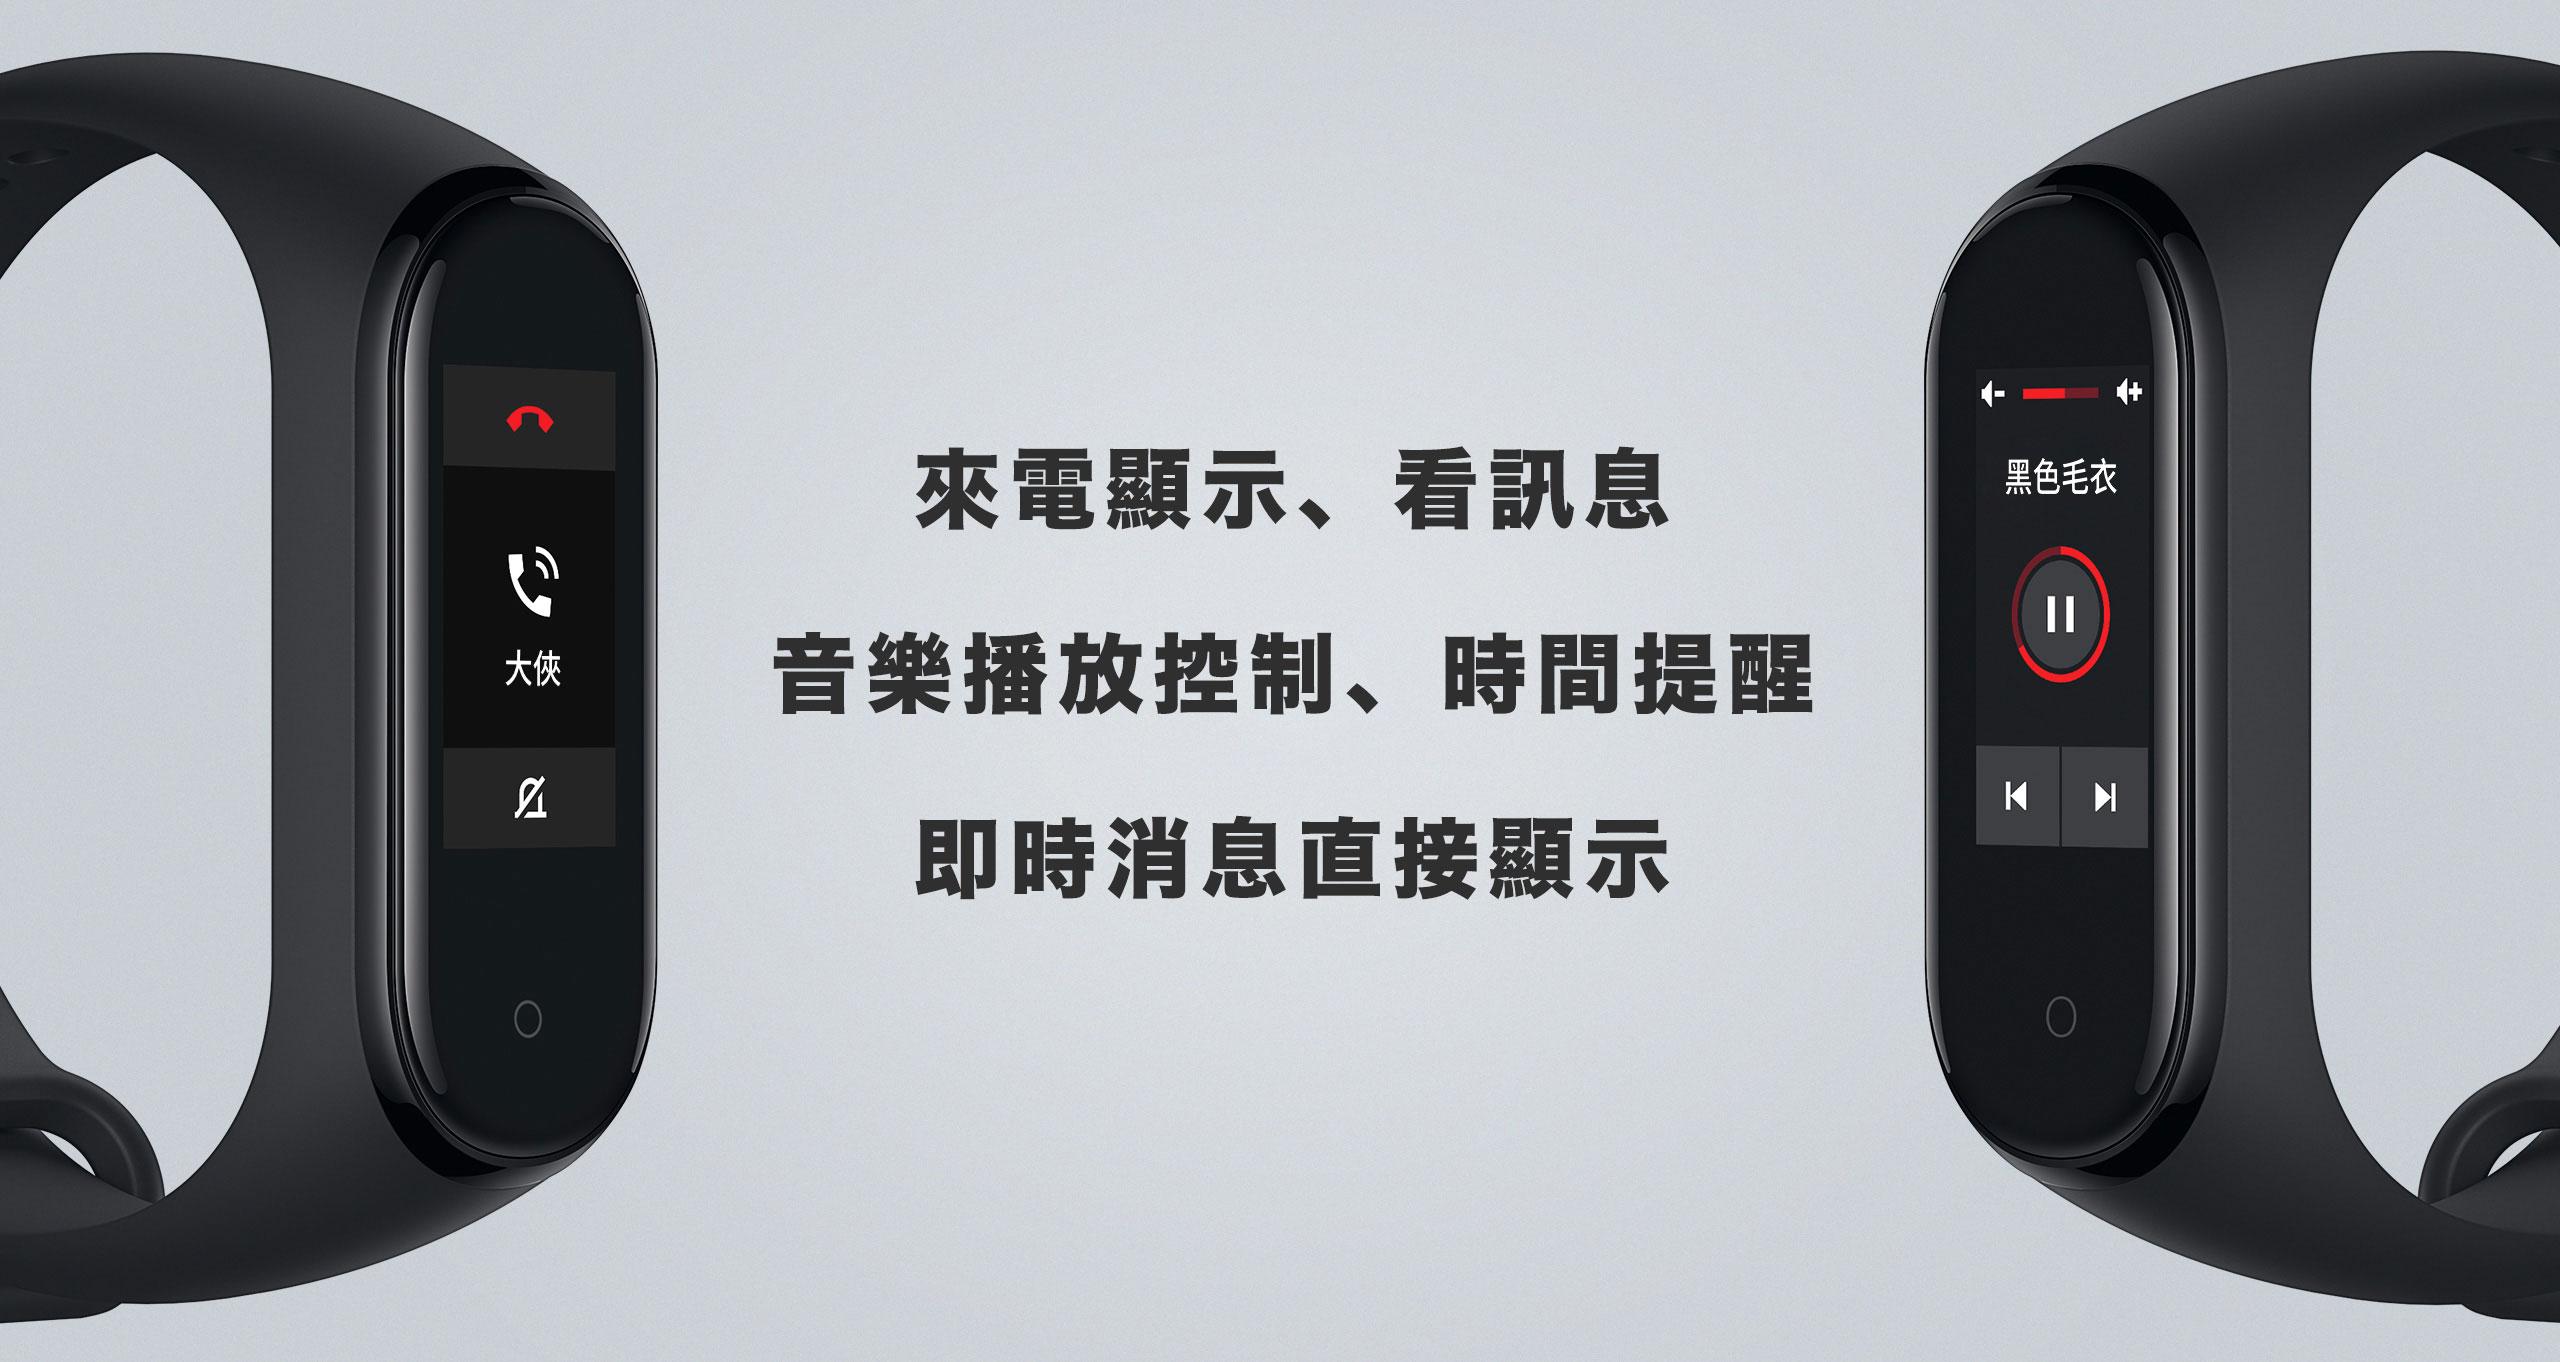 【小米手環4】小米手錶 智慧手錶 智慧手環 運動手環【AB370】 5